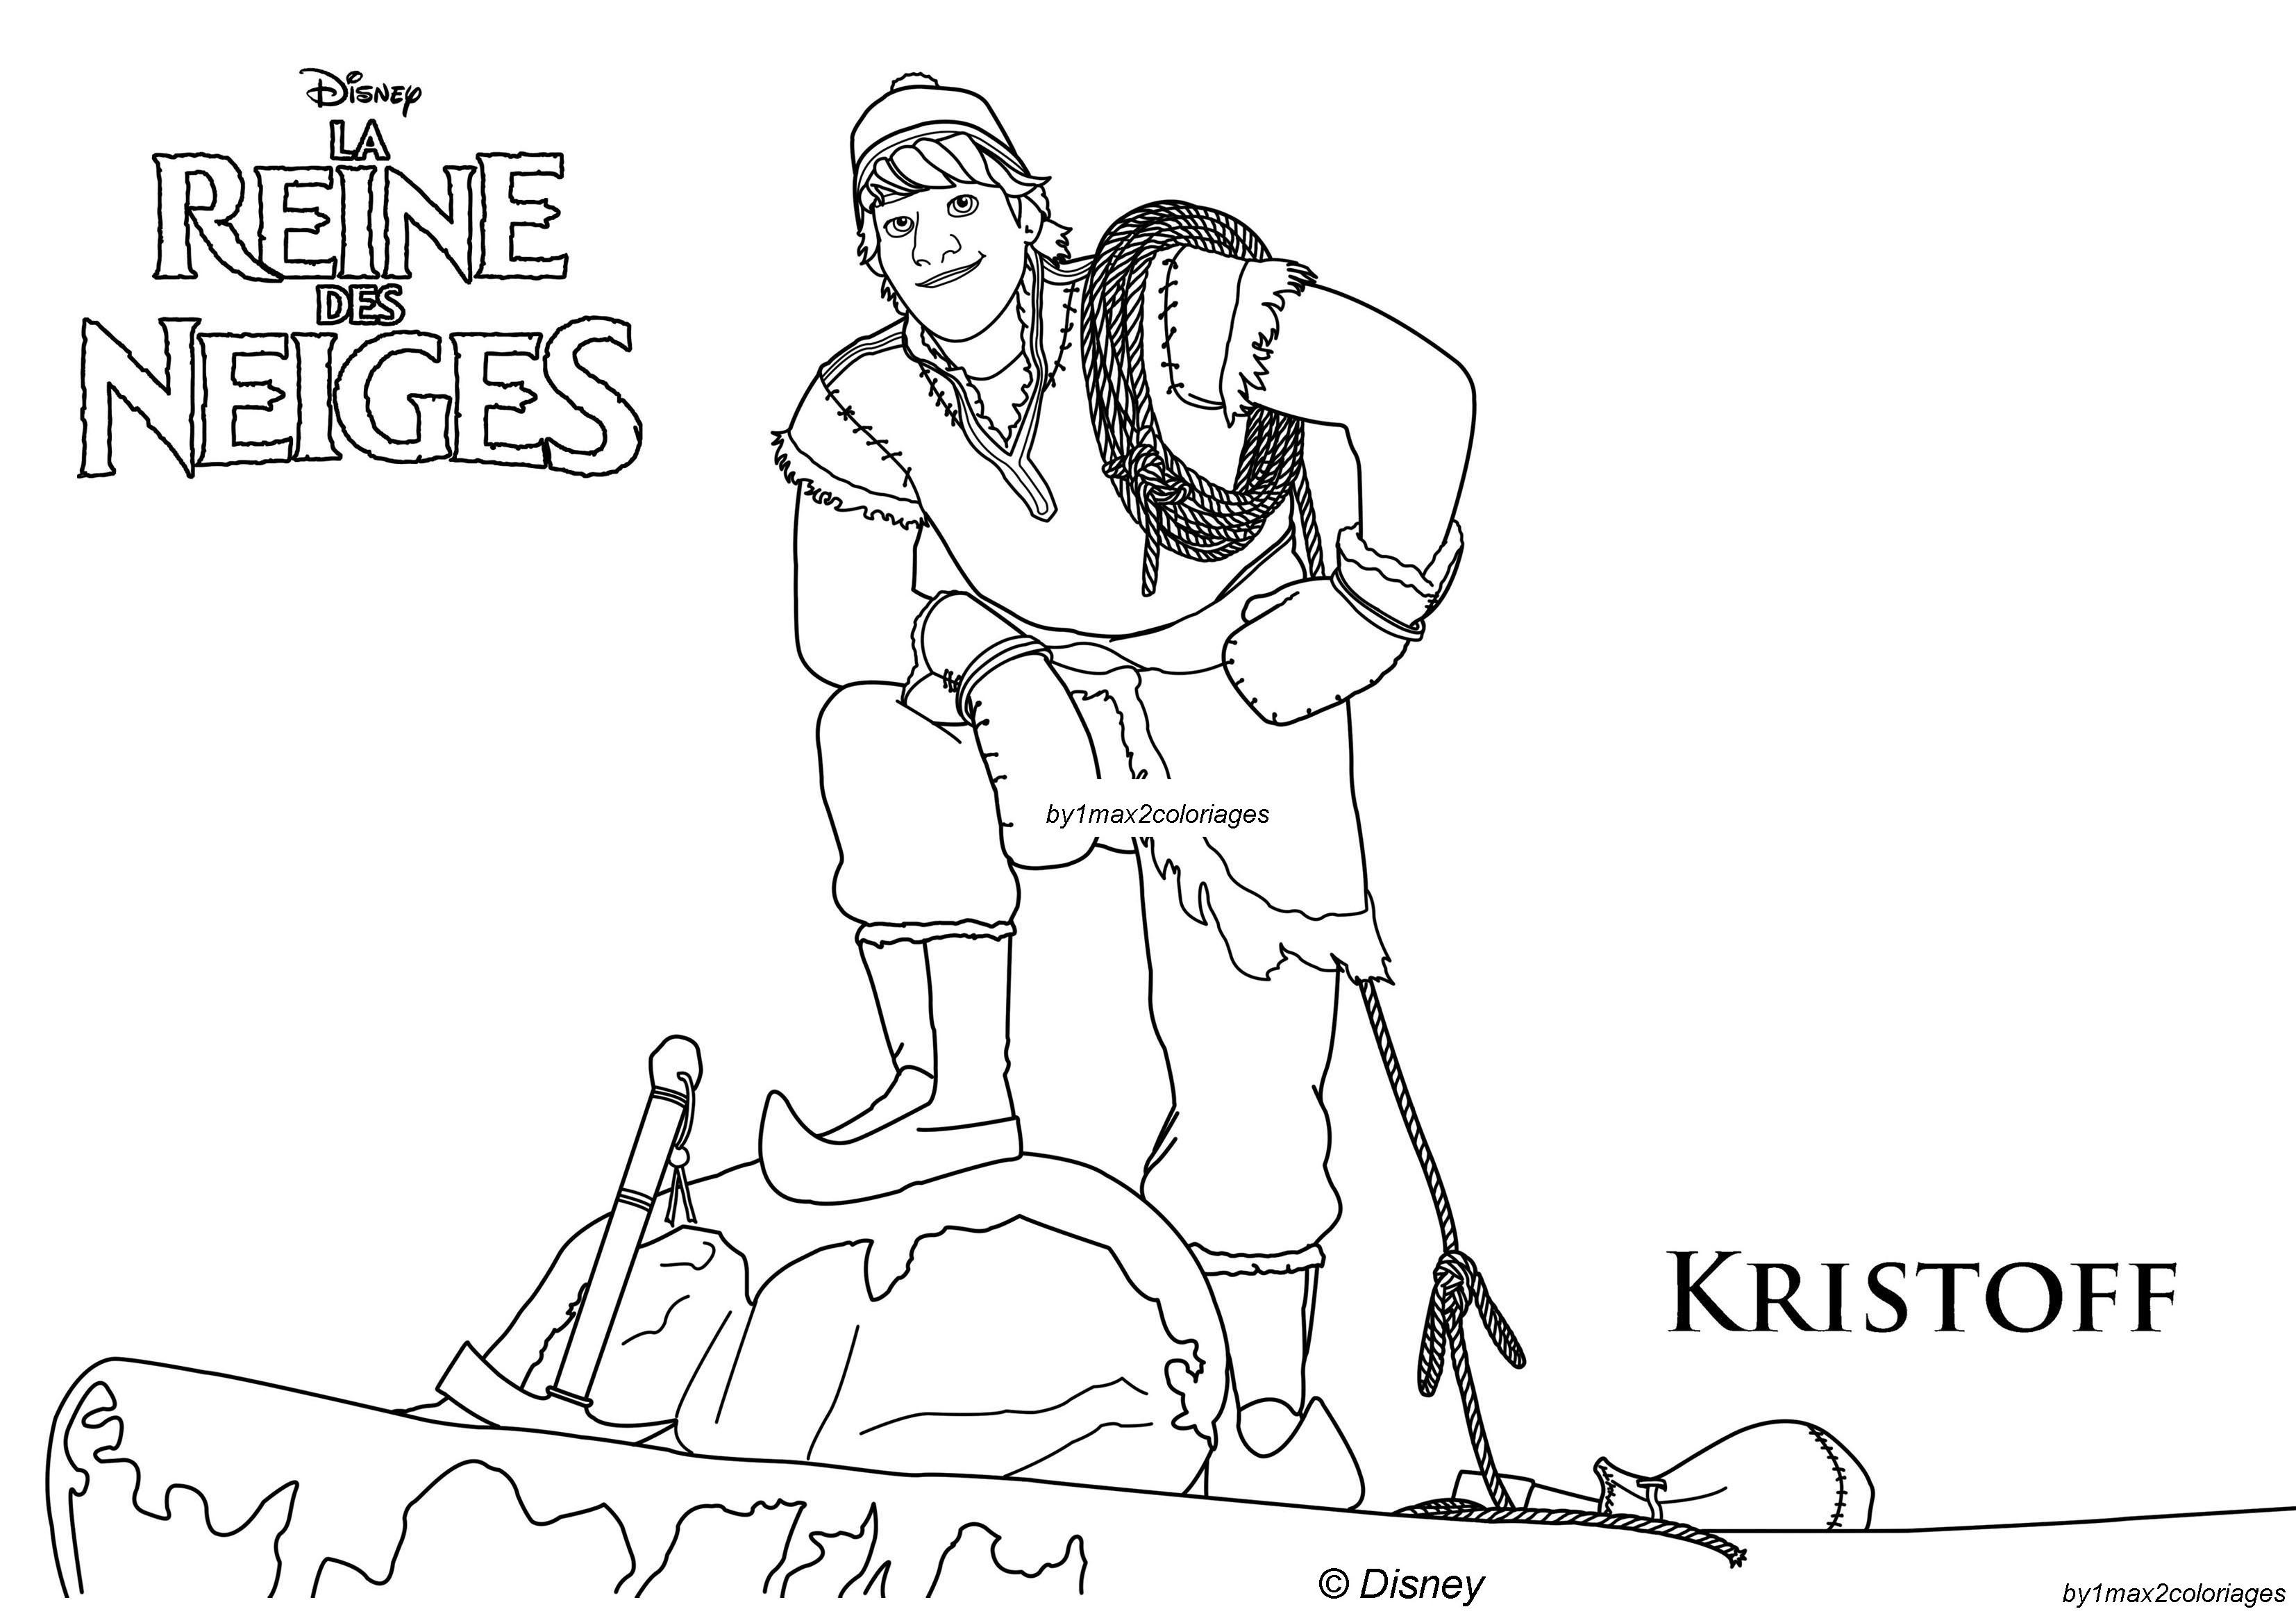 Coloriage Des Personnages La Reine Des Neiges Kristoff Est Un